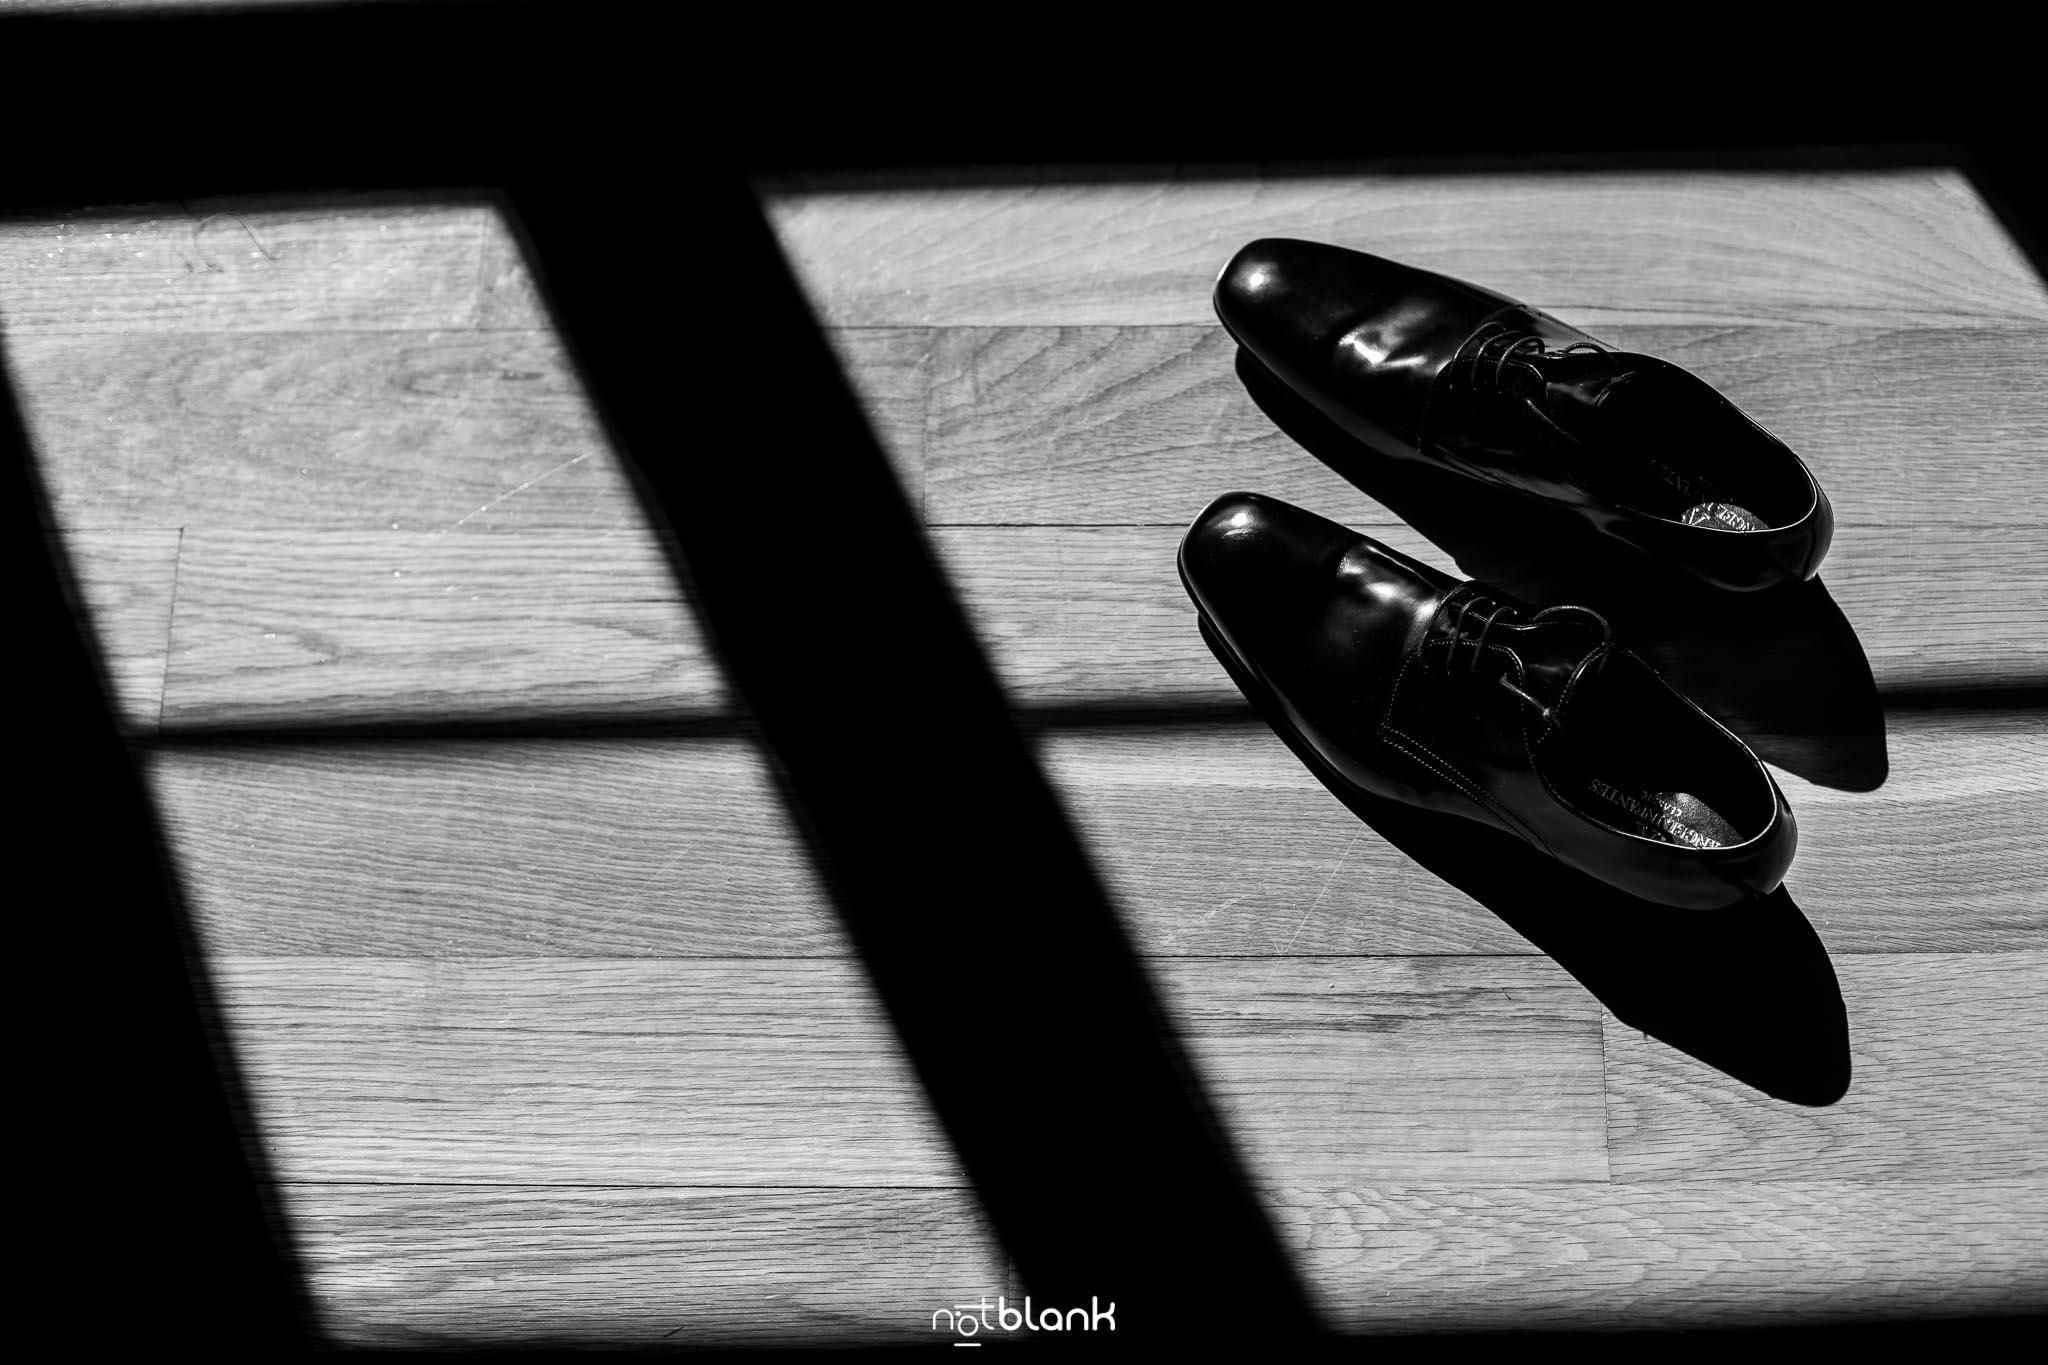 Boda-Mondariz-Balneario-Detalles-Zapatos-Novio-Fotógrafo de boda-Luz-Sombra